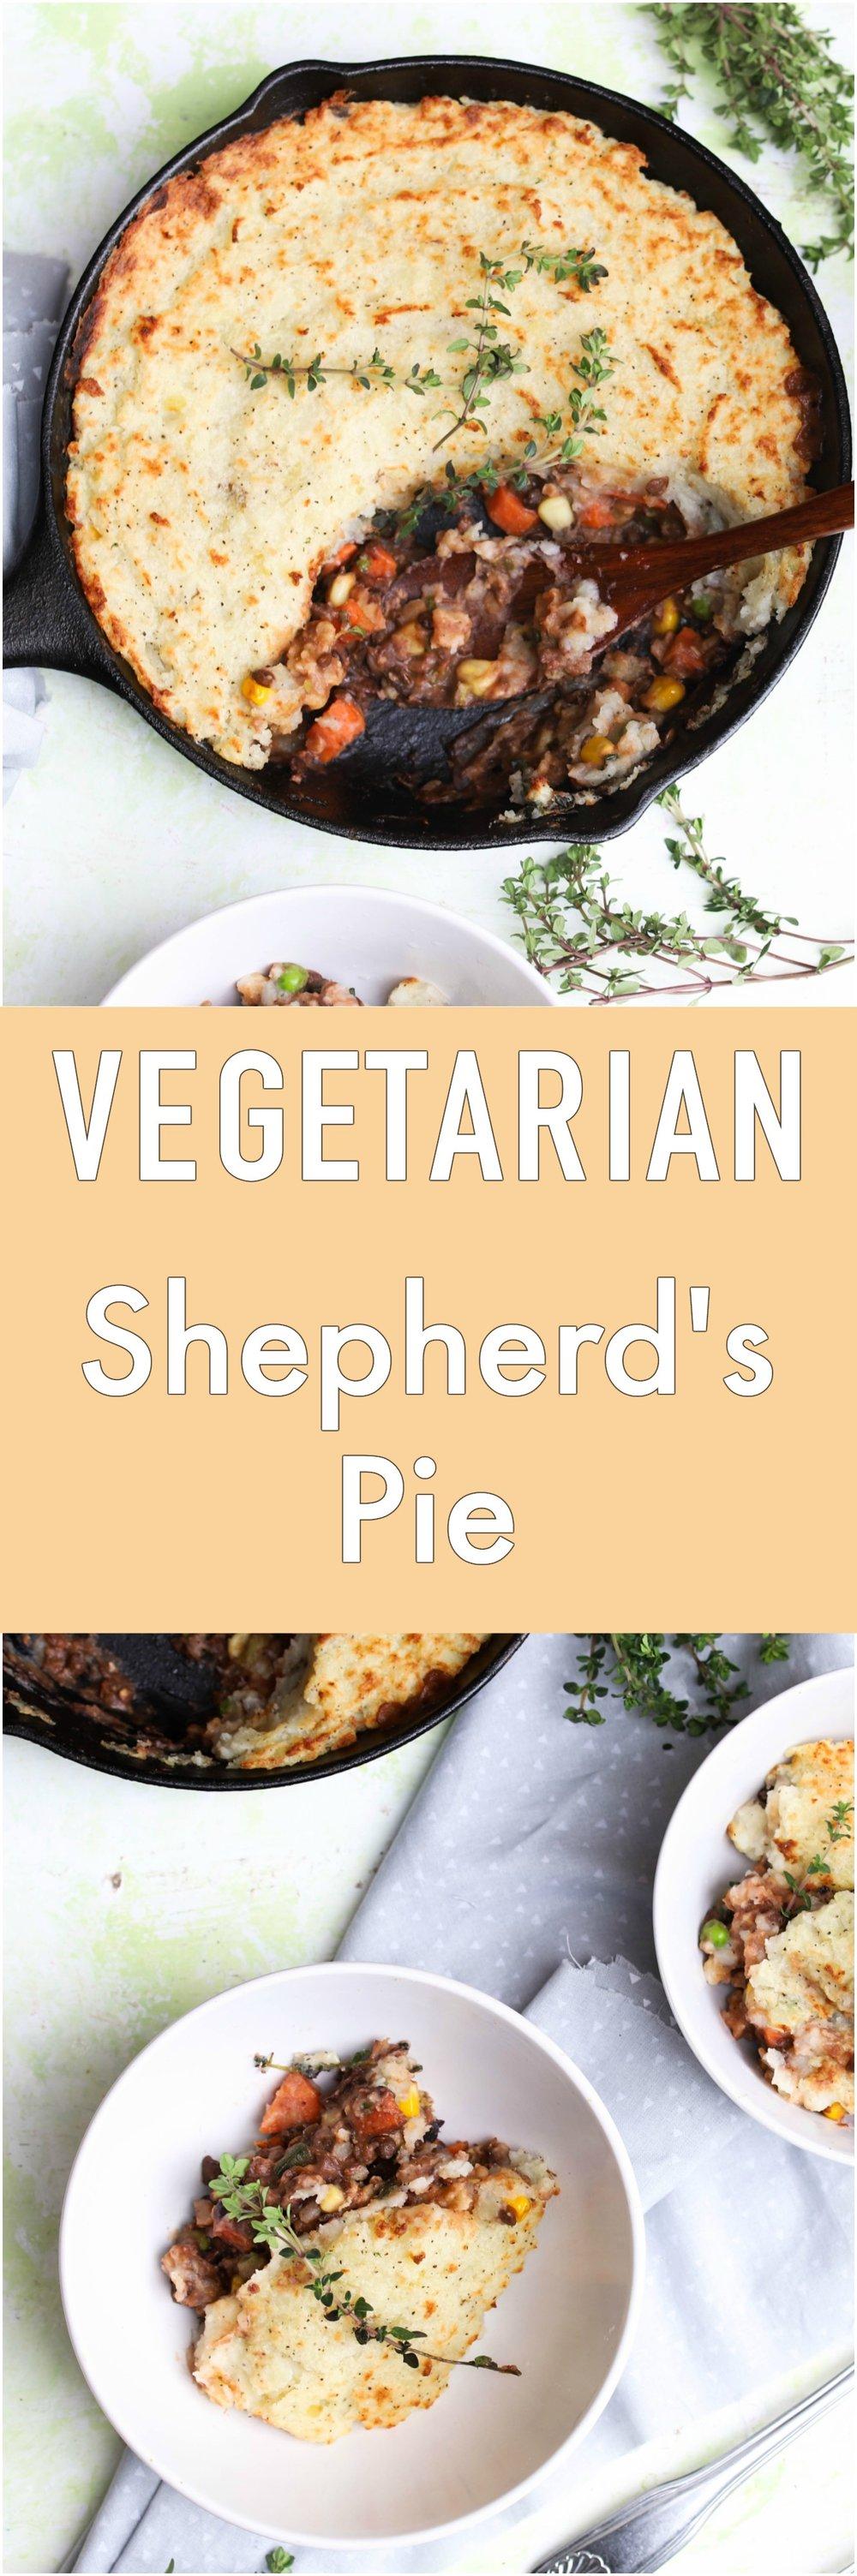 vegetarian shepherds pie.jpg